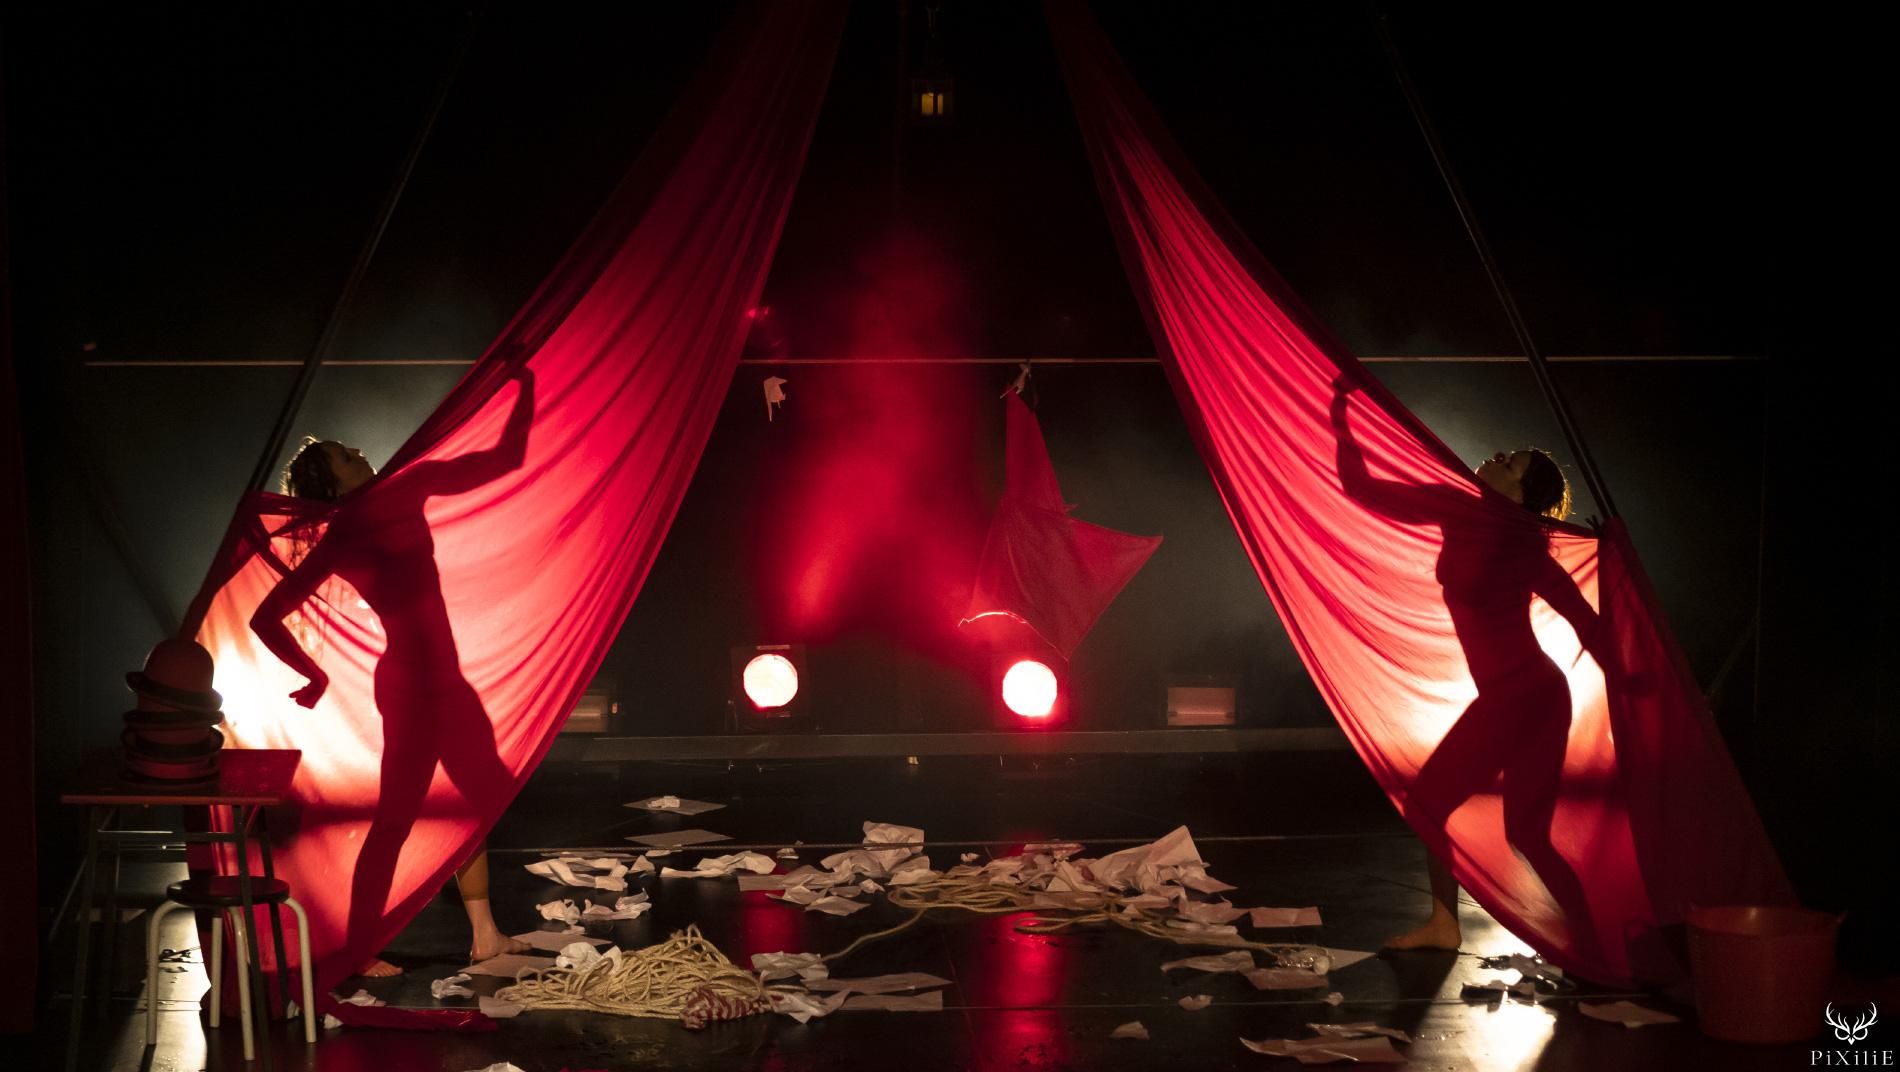 Photographie du spectacle de la Cia dos mundos al-arte